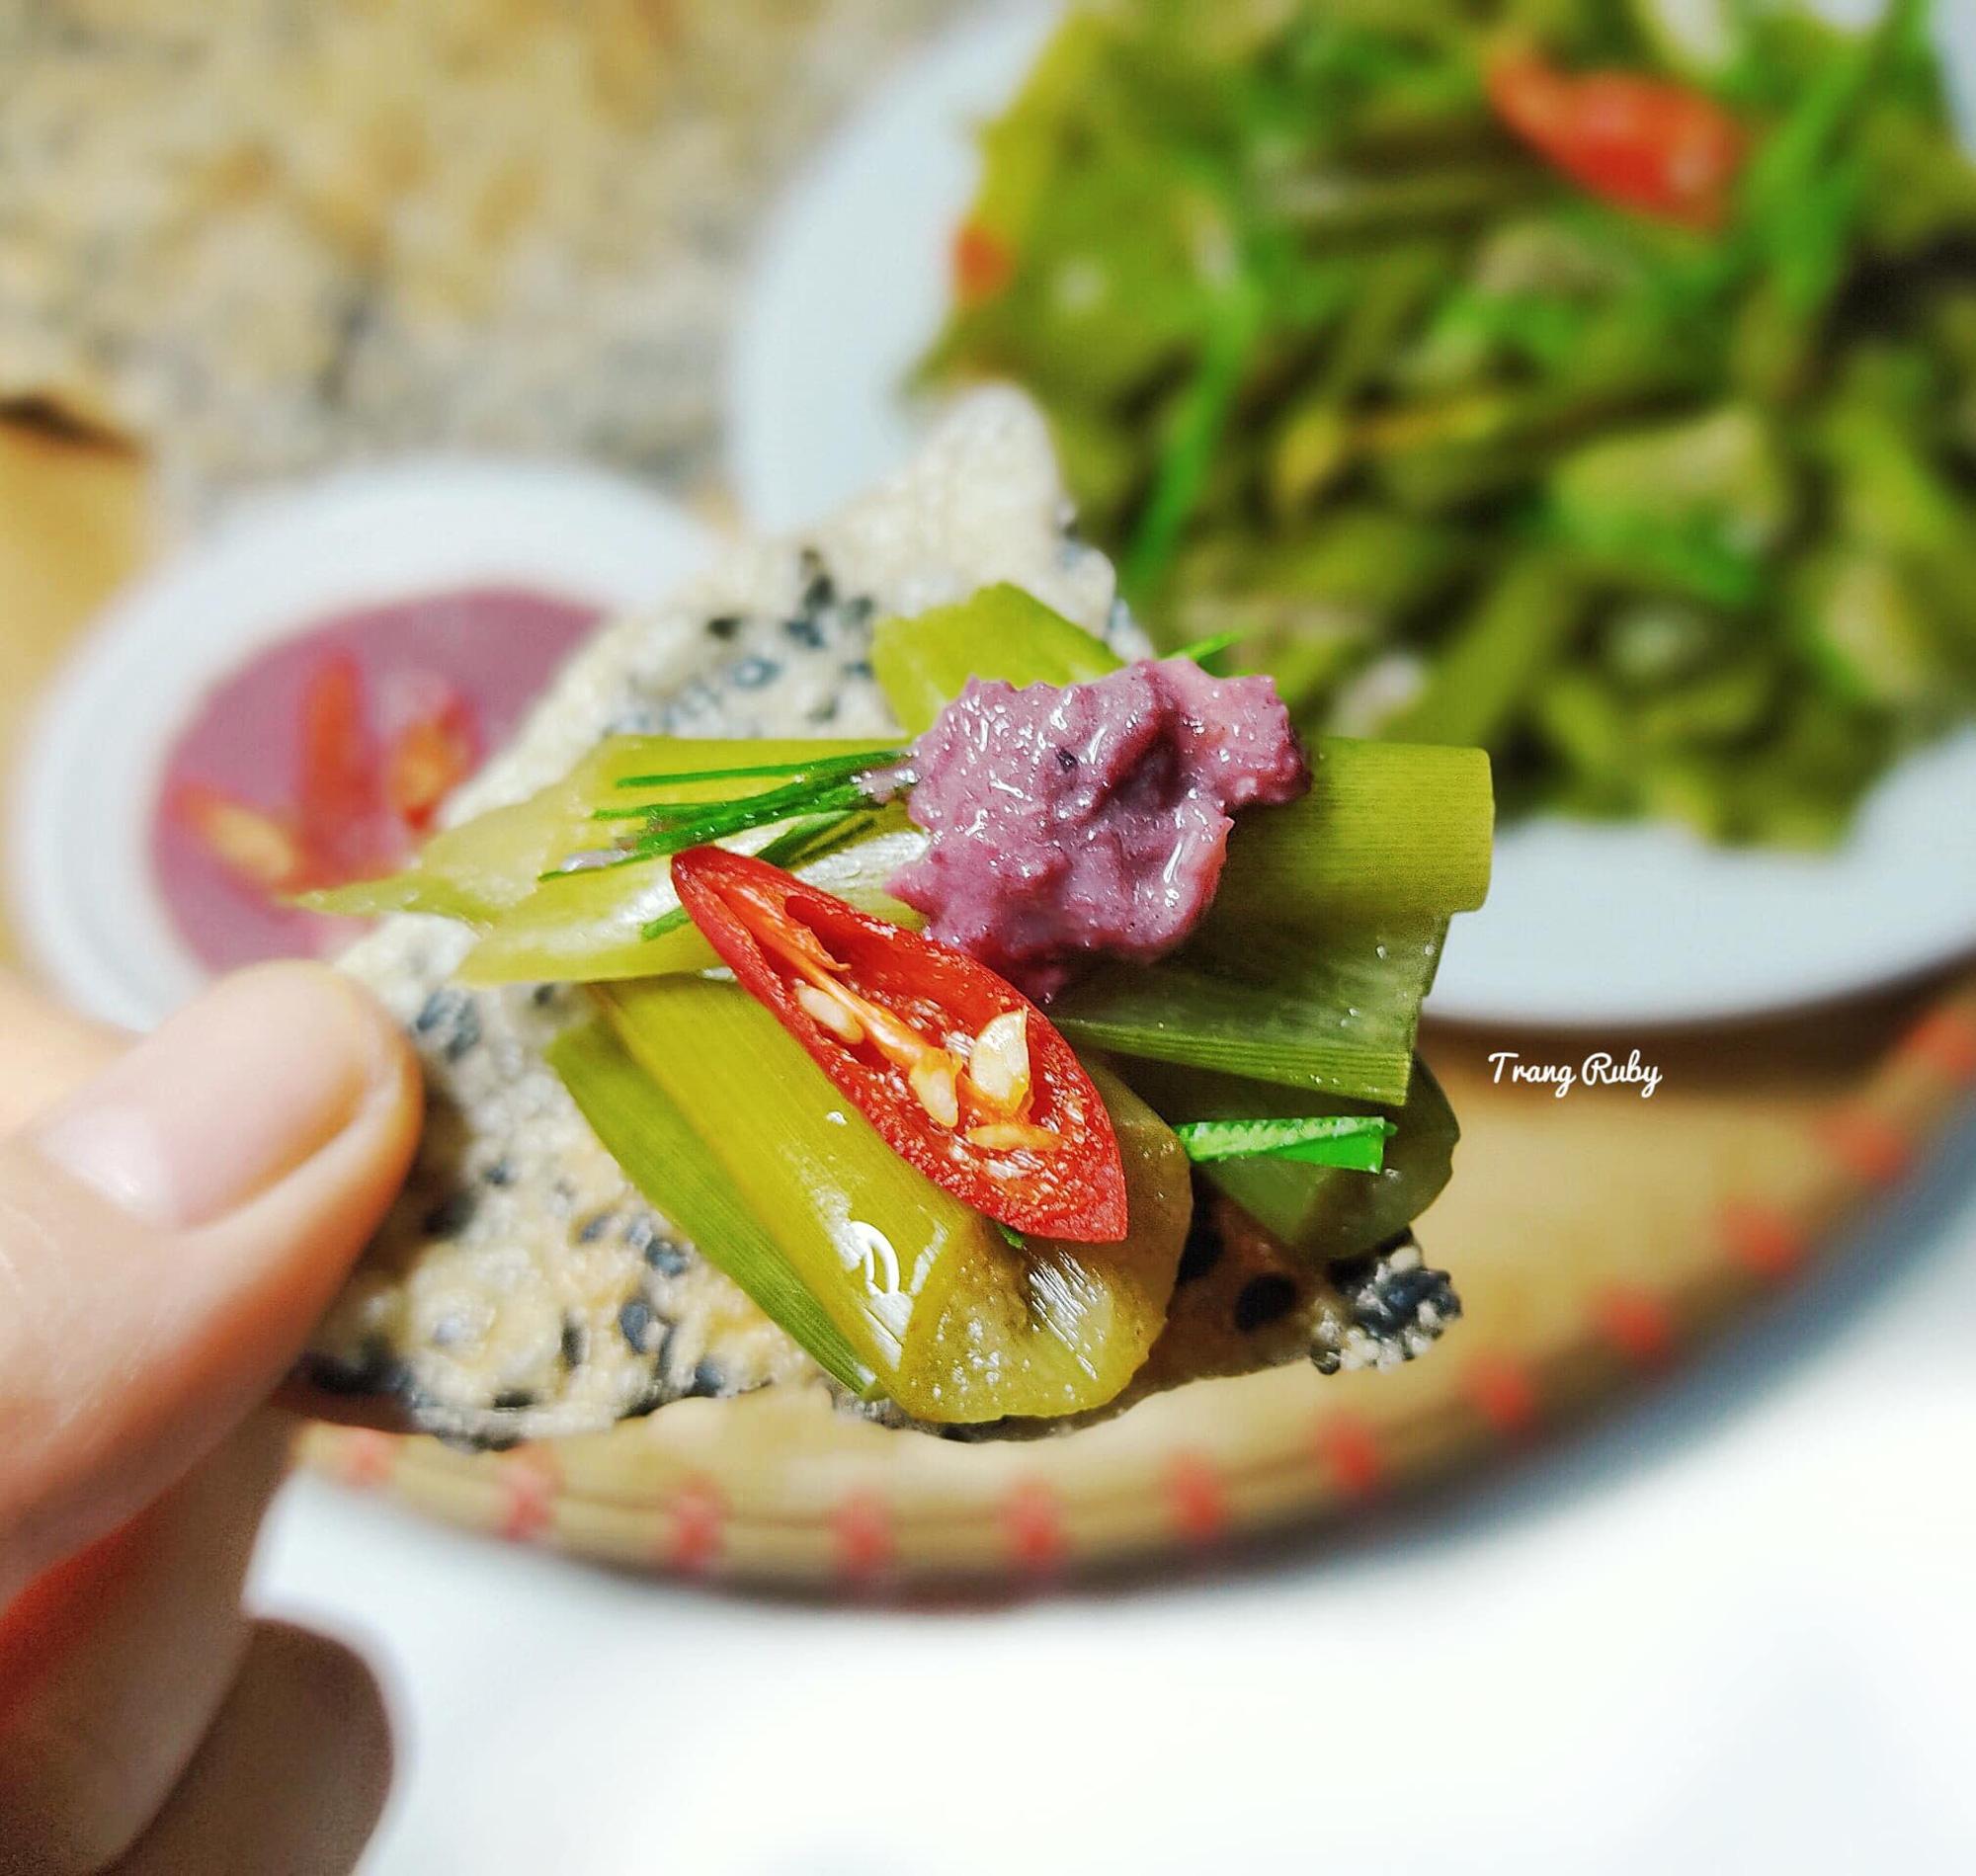 Món dọc mùng muối chua 'dai, giòn sần sật' nức tiếng ở Nghệ An - Ảnh 5.